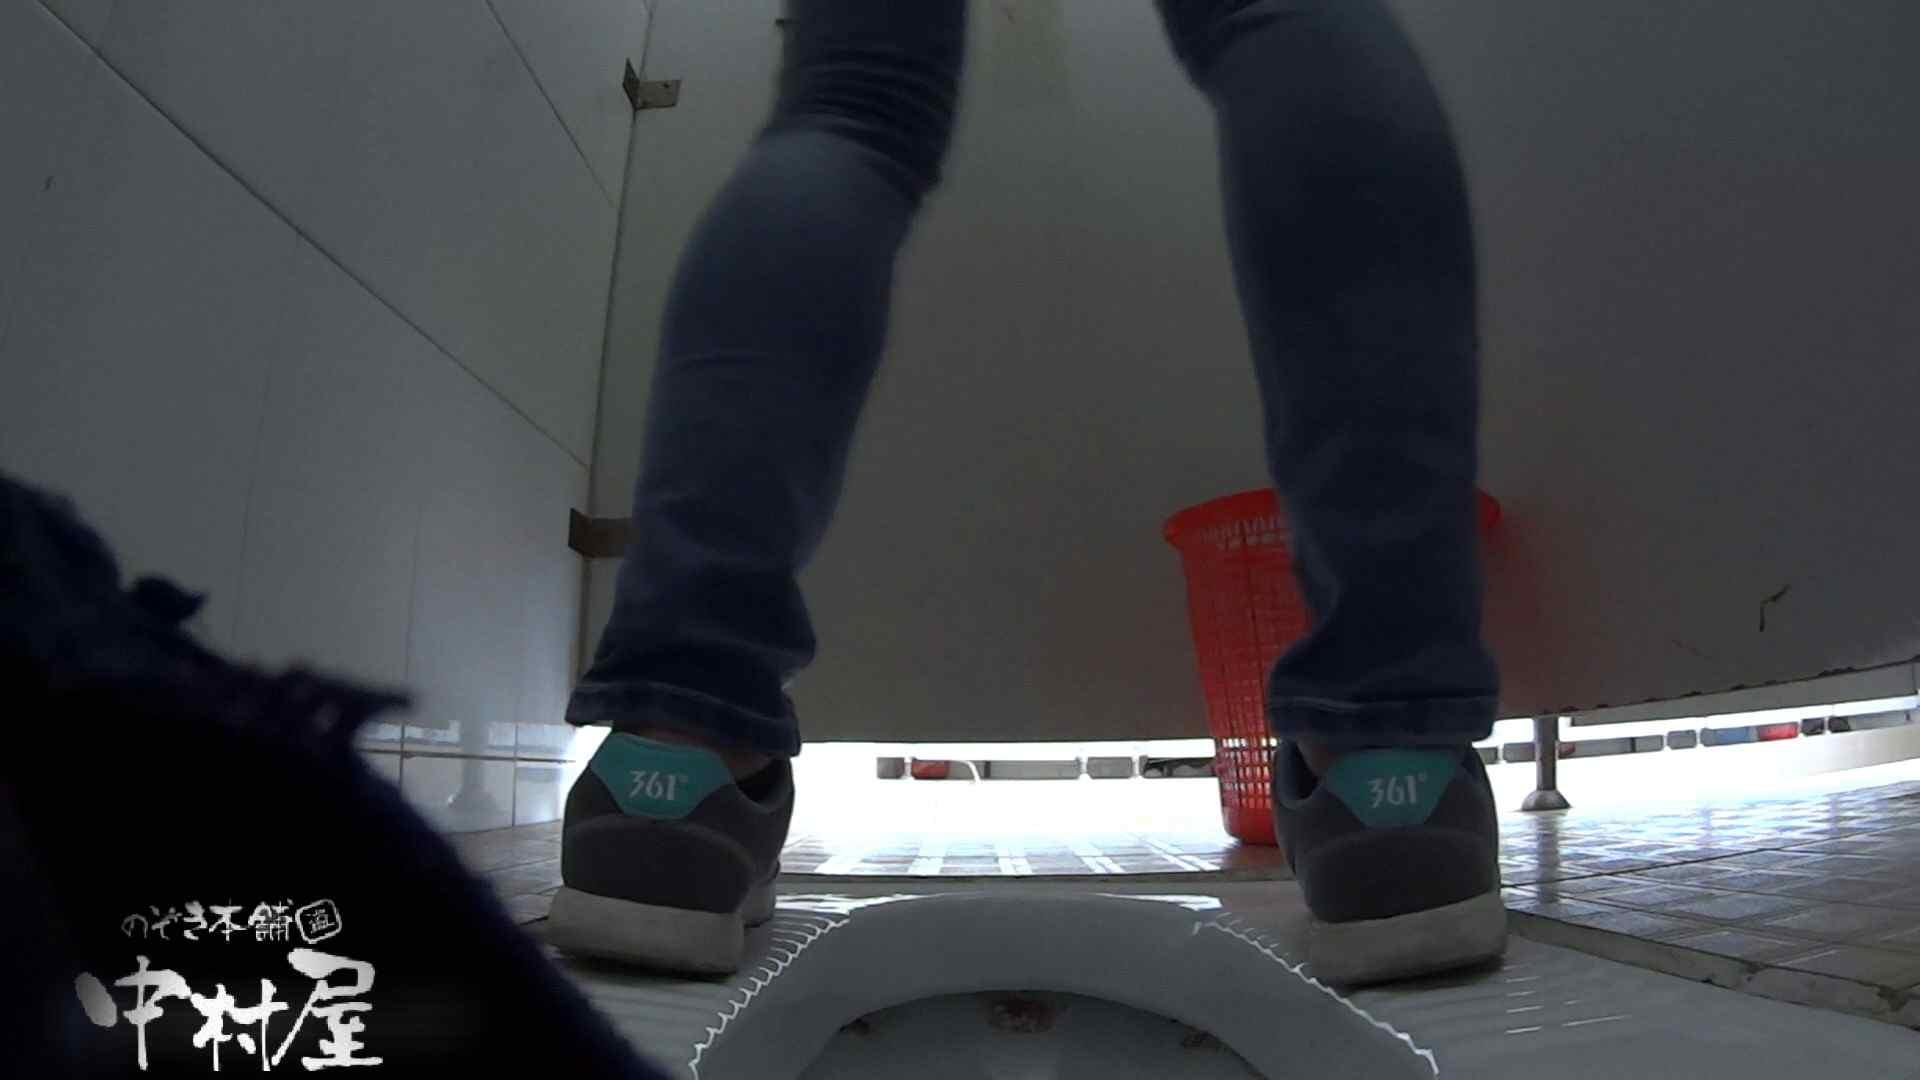 めくれ上がる陰部からの大聖水!大学休憩時間の洗面所事情27 盗撮 | 美女  87pic 49